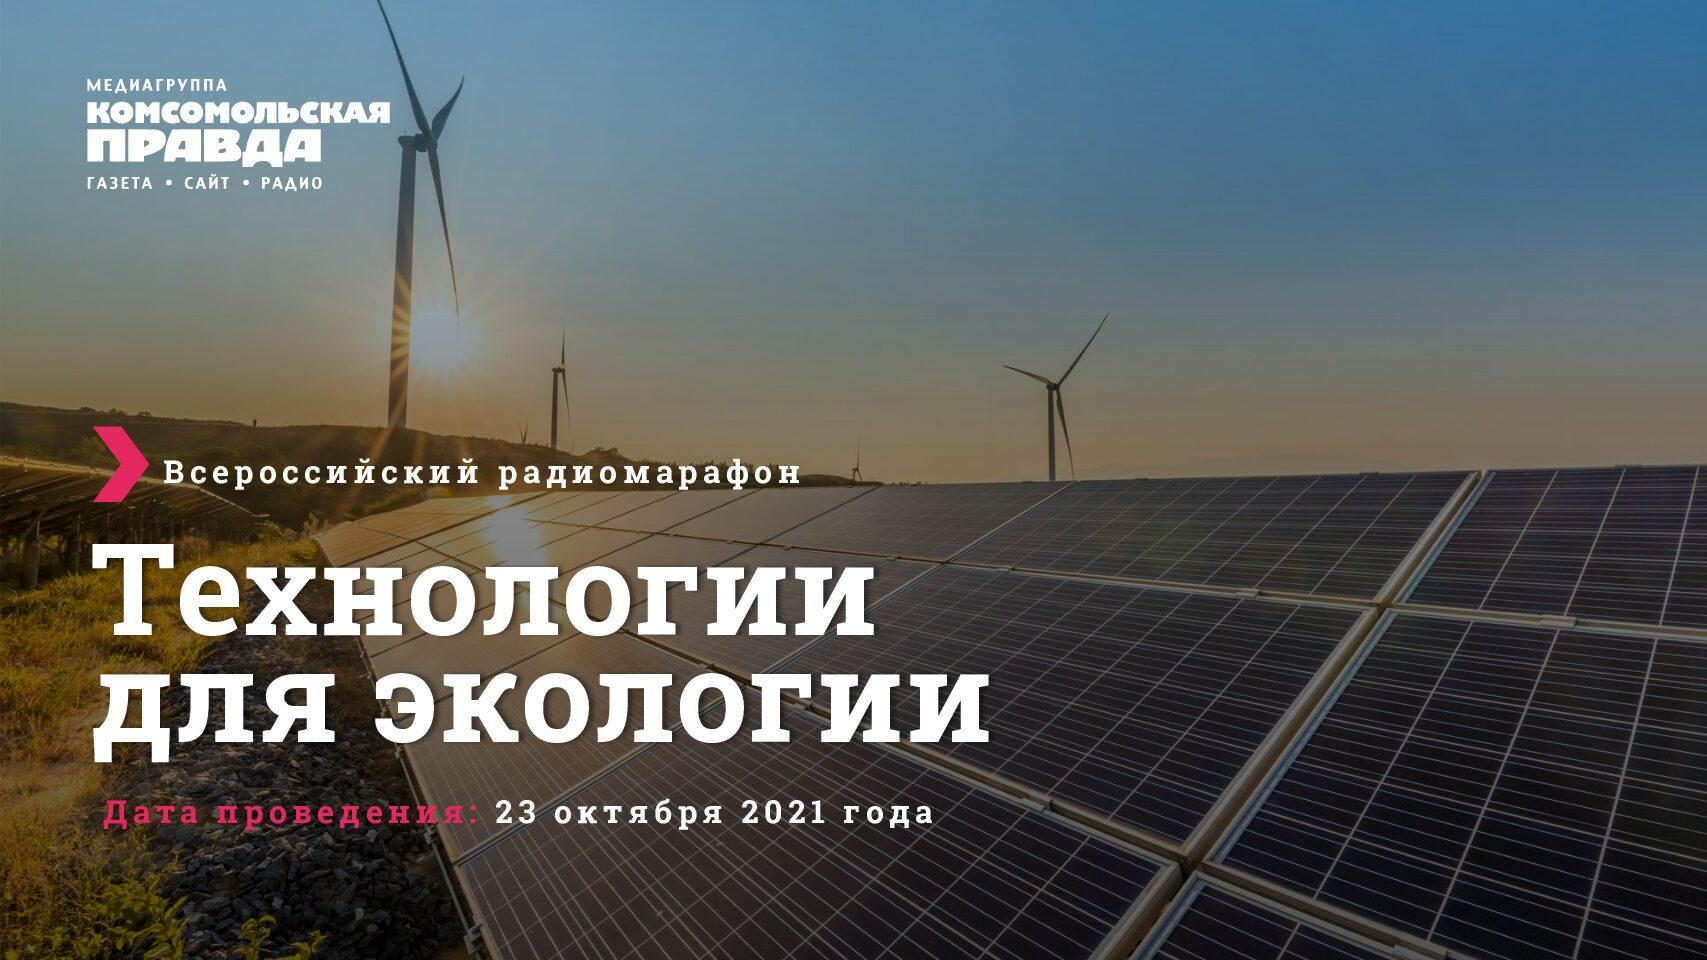 Технологии для экологии — марафон 23 октября 2021